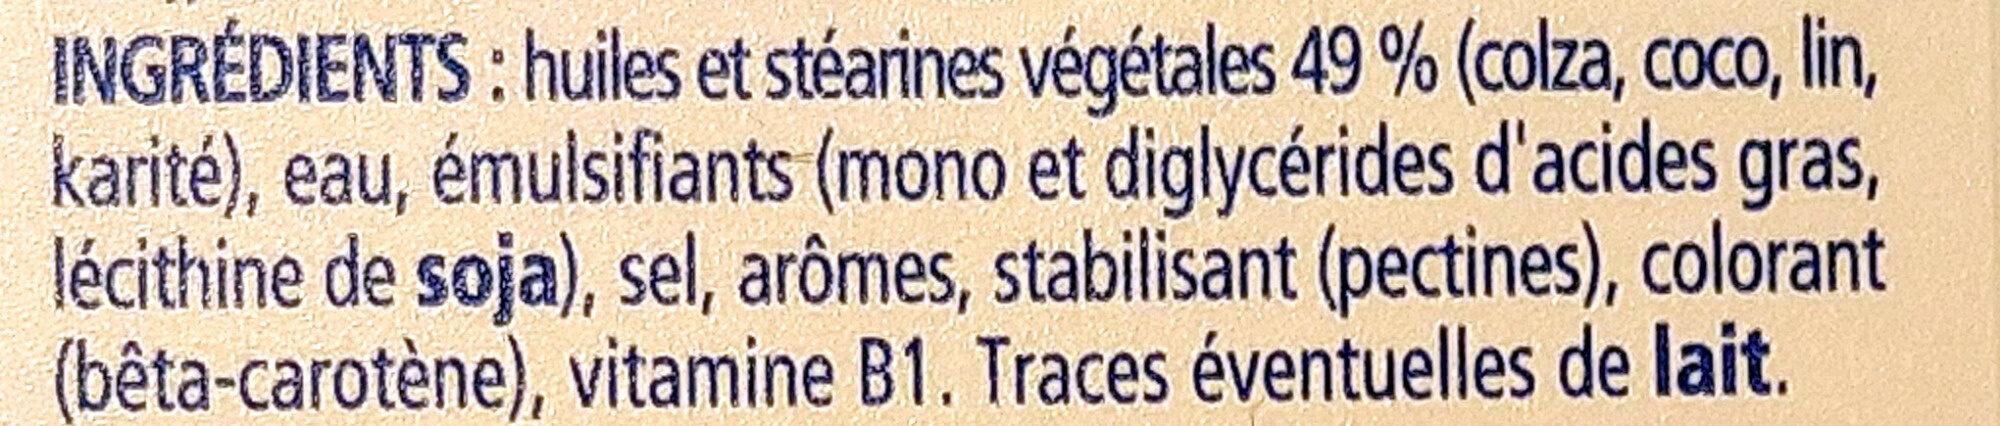 Oméga 3 - Ingrediënten